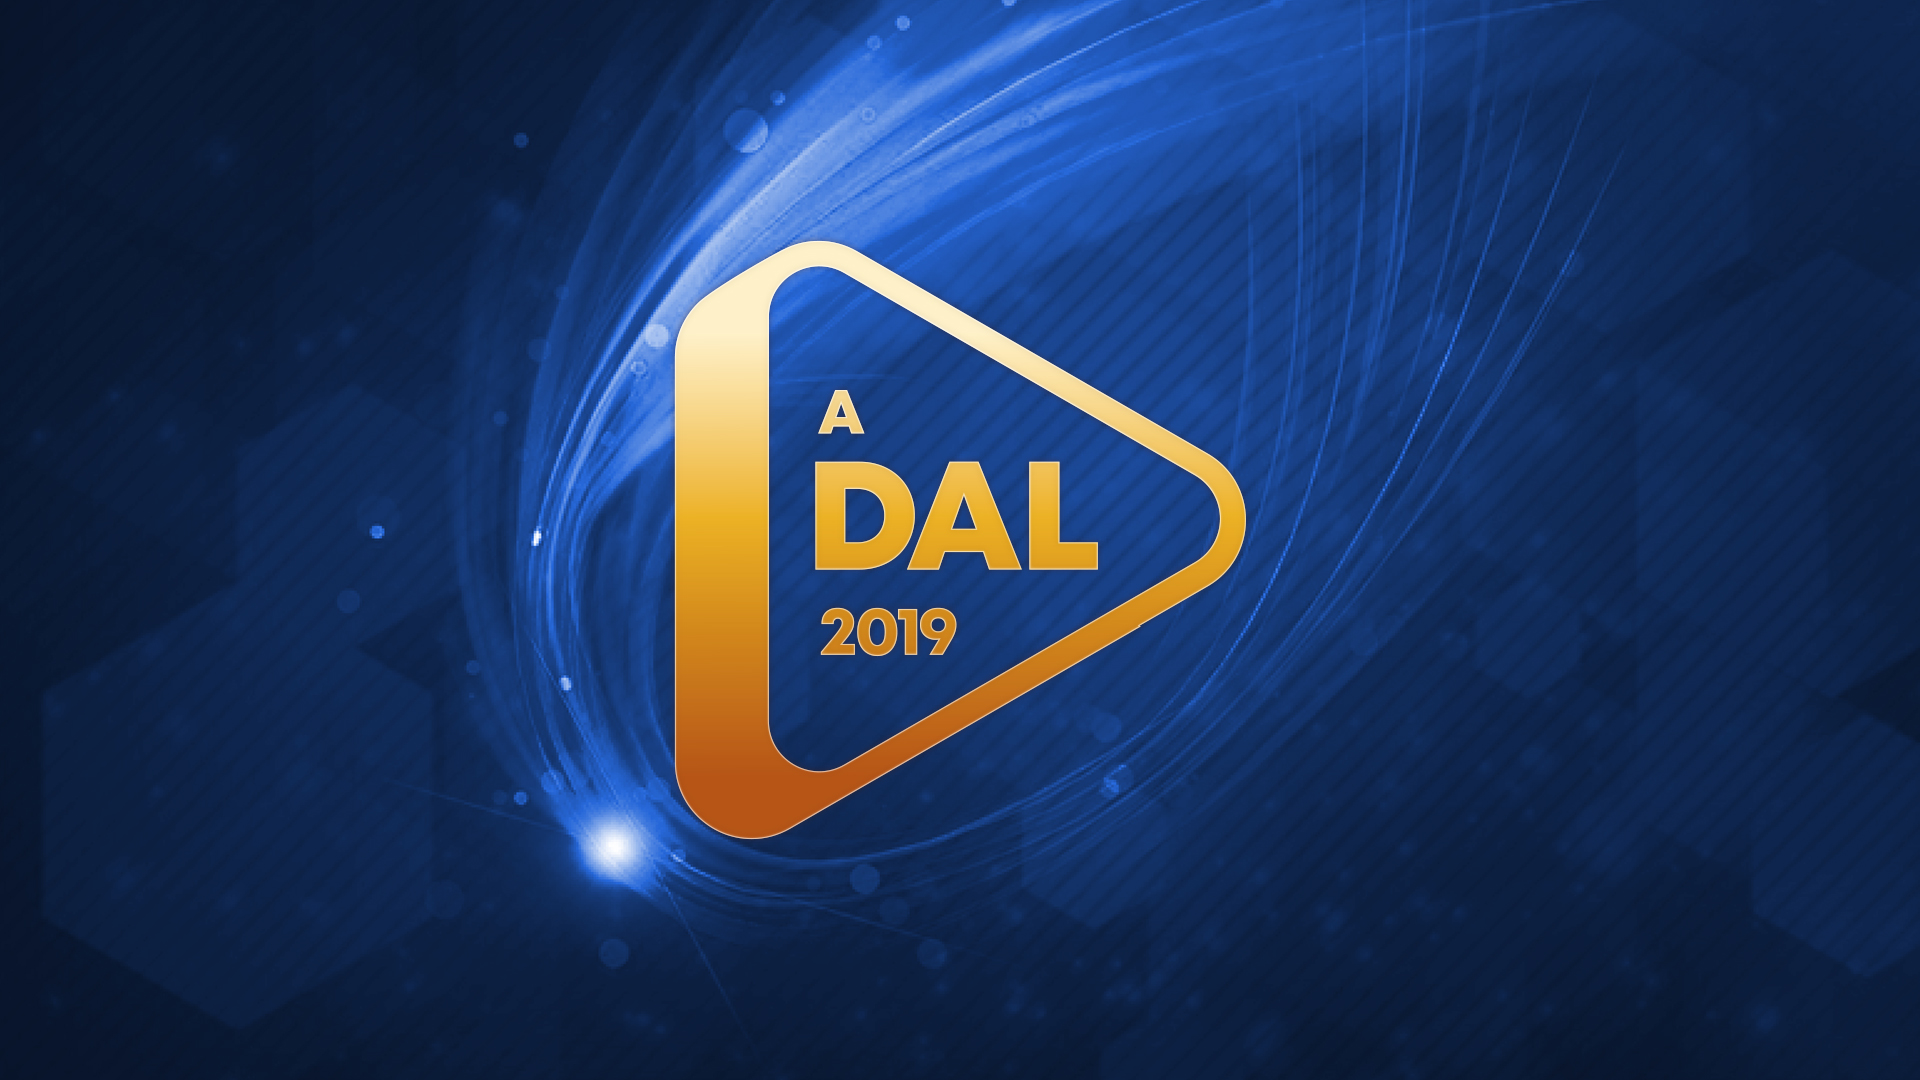 a_dal_2019_logo.jpg